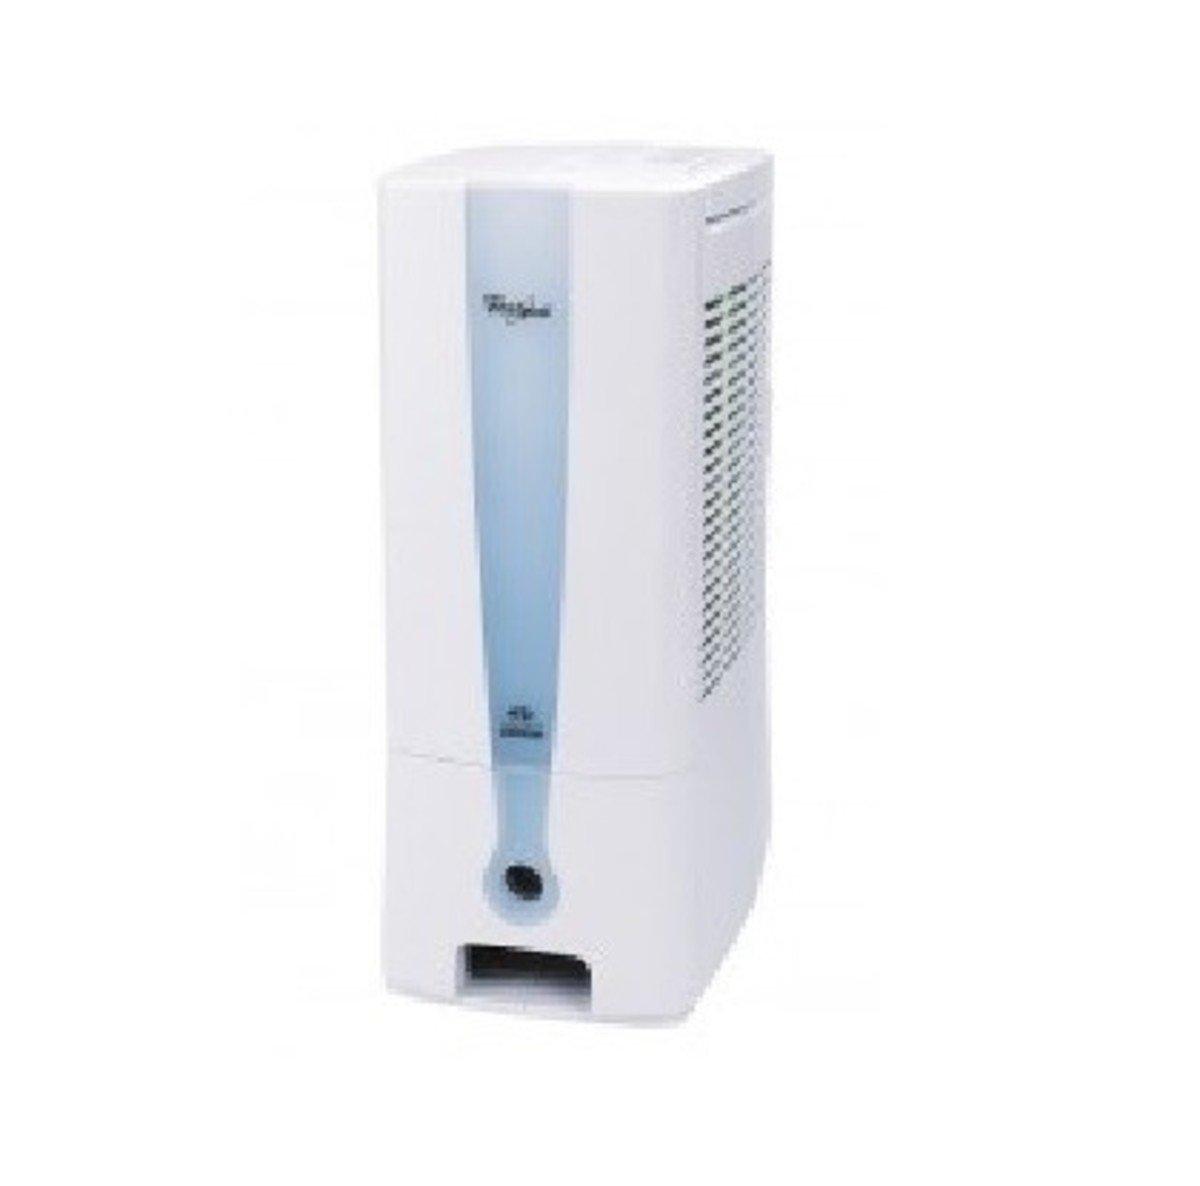 SD007 7.0公升 熱石式抽濕機